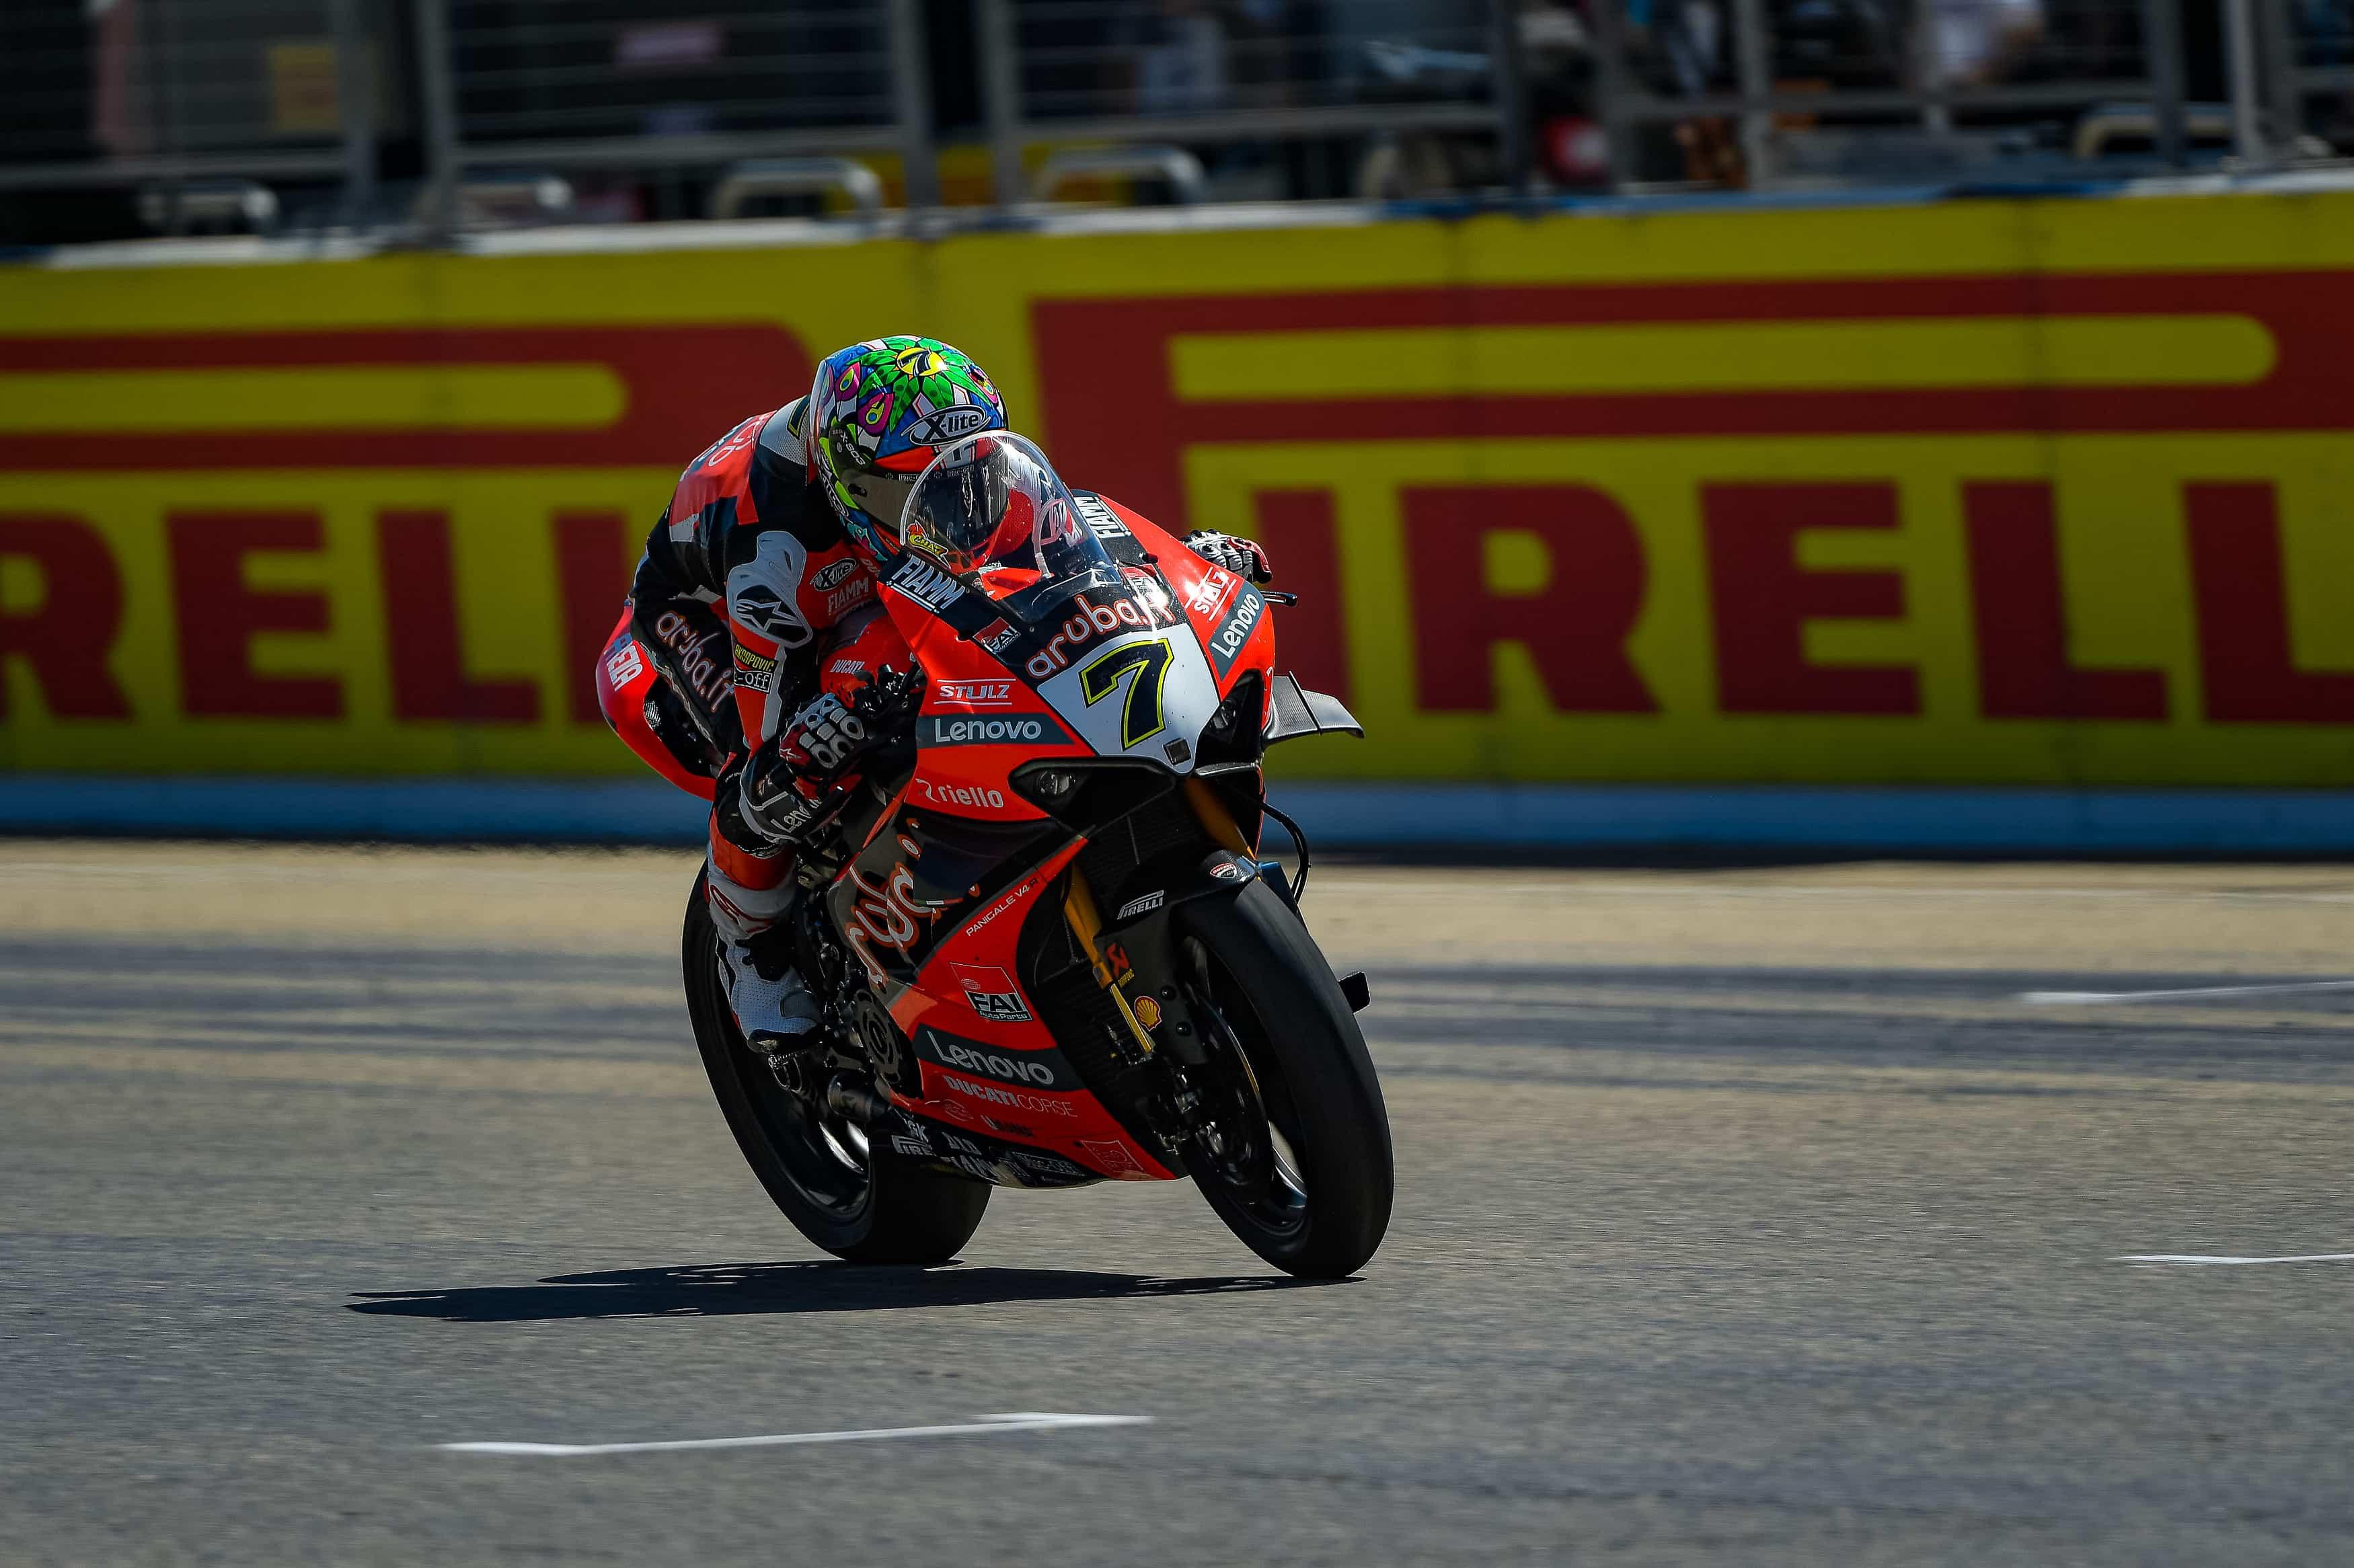 スーパーバイク世界選手権(SBK)マニクール戦 チャズ・デイビス「どんなコンディションであれベストを尽くす」